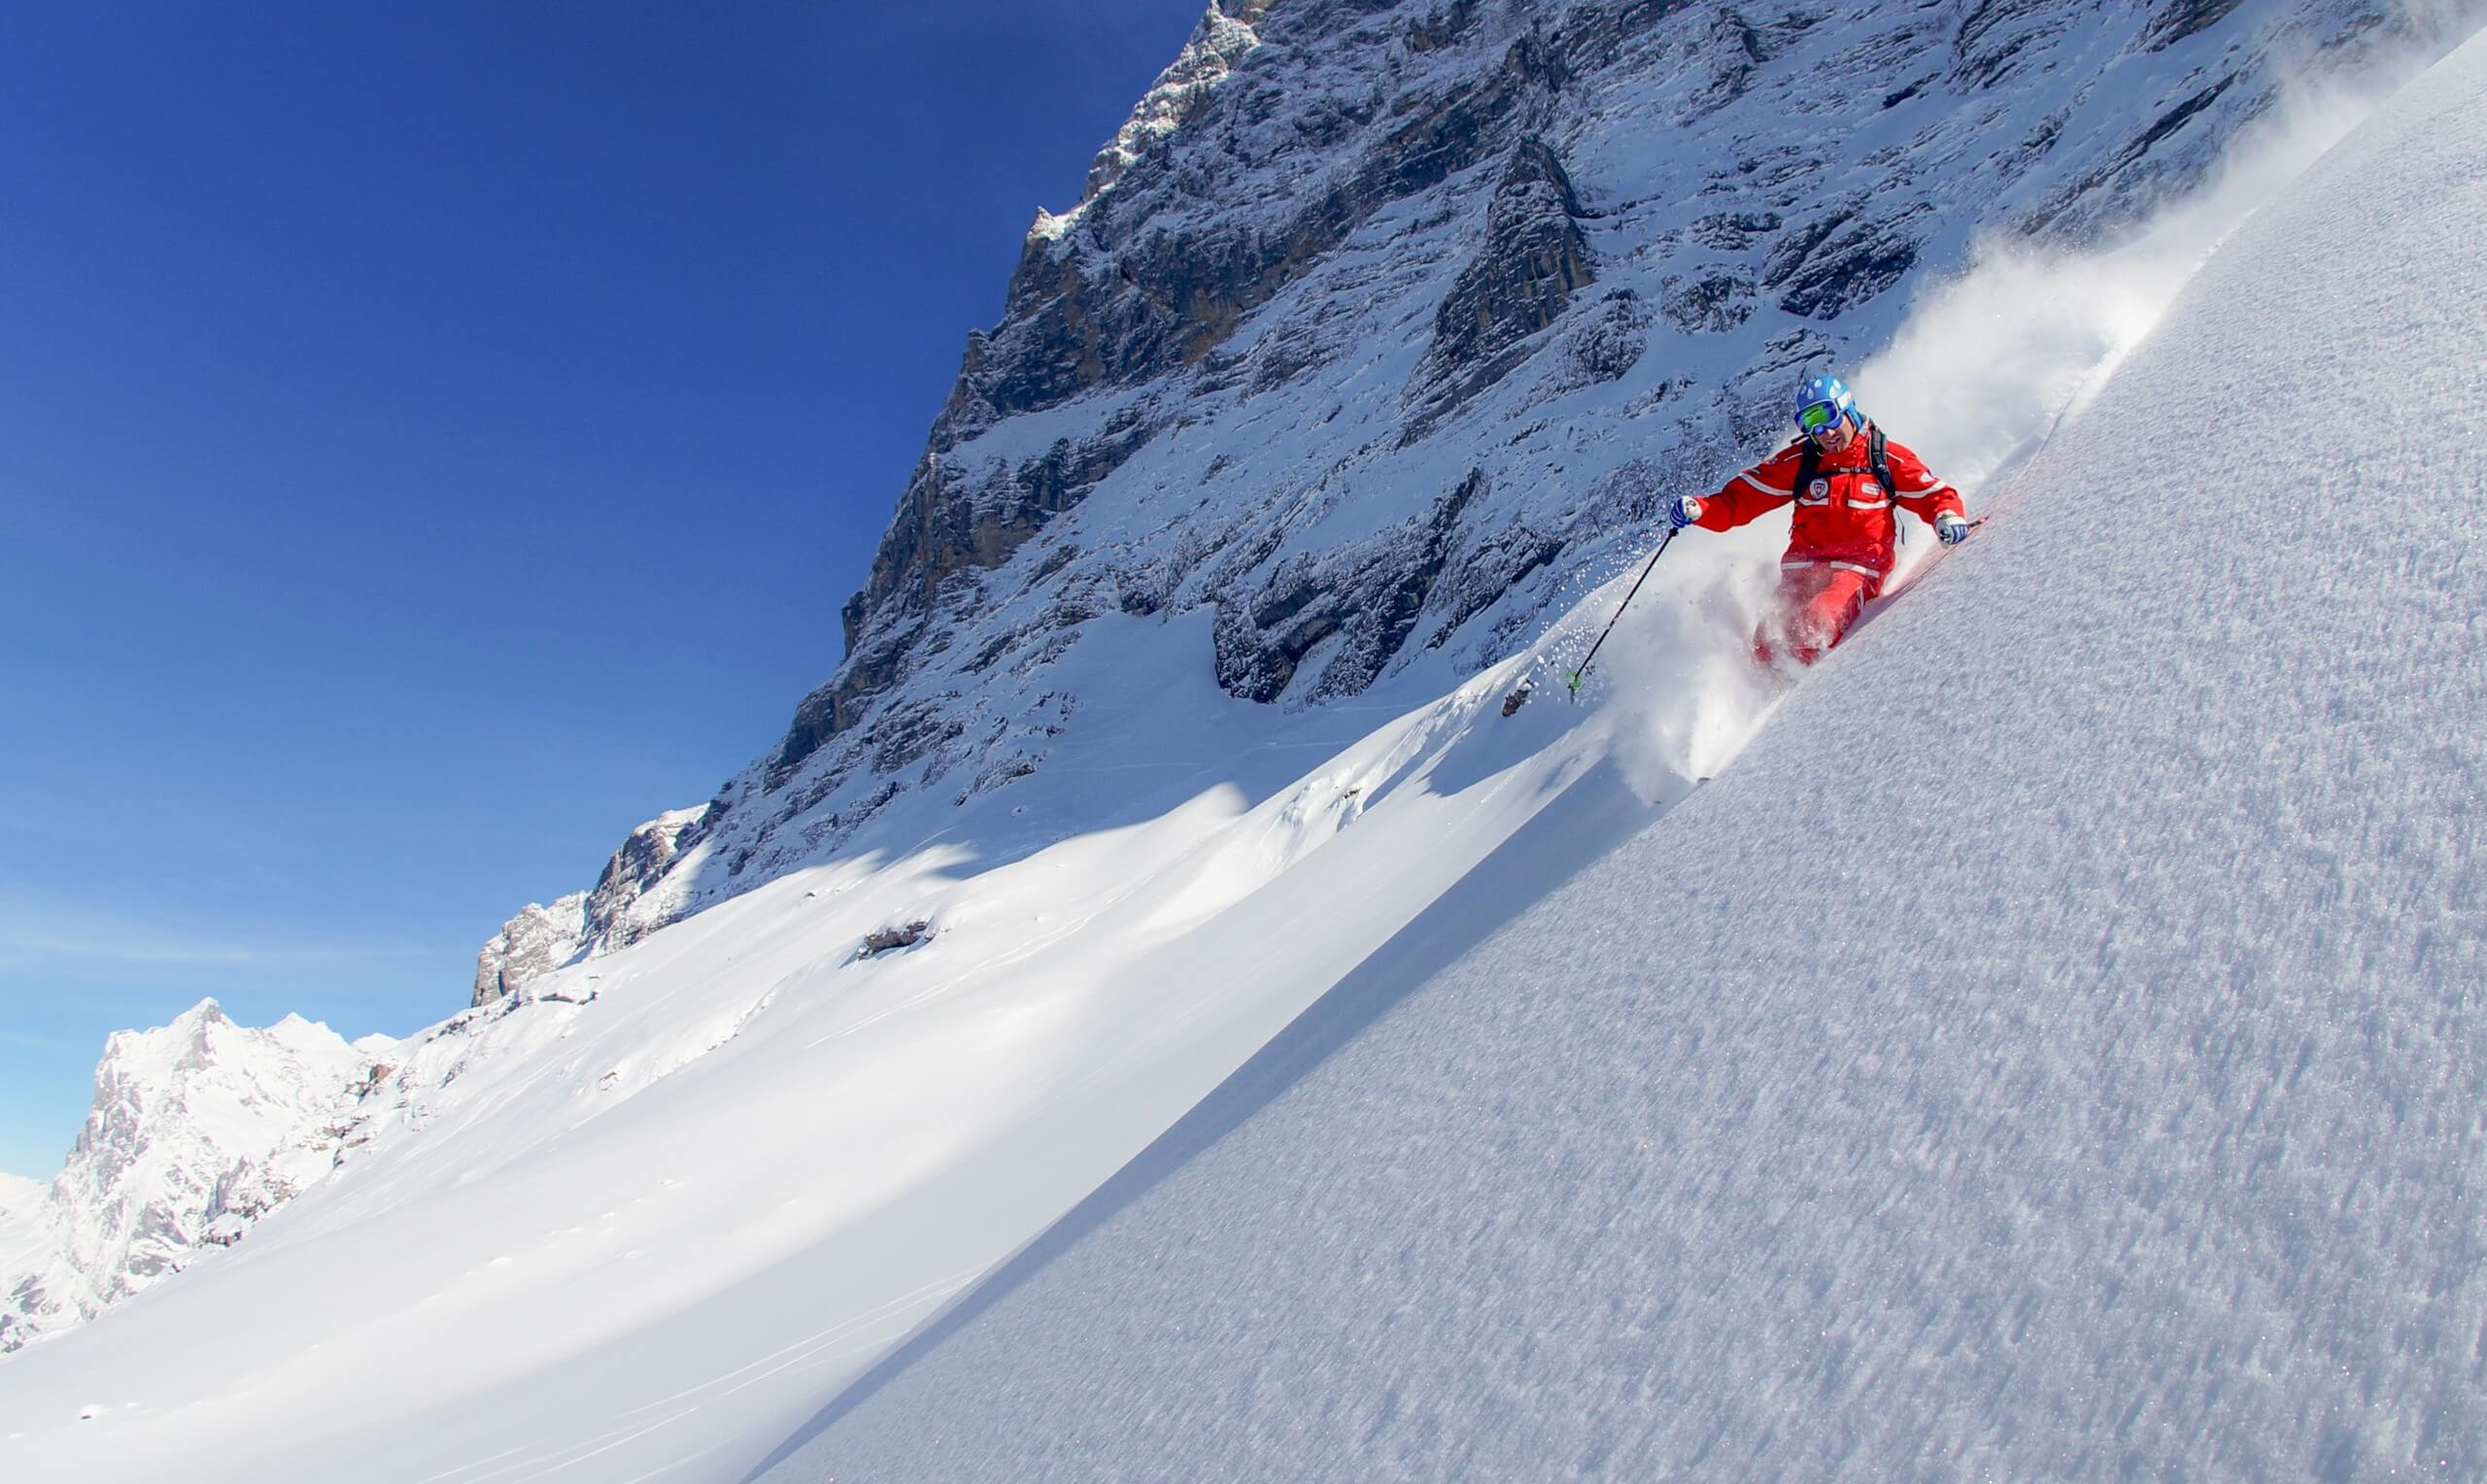 schweizer-skischule-interlaken-kleine-scheidegg-winter-offpist-ski